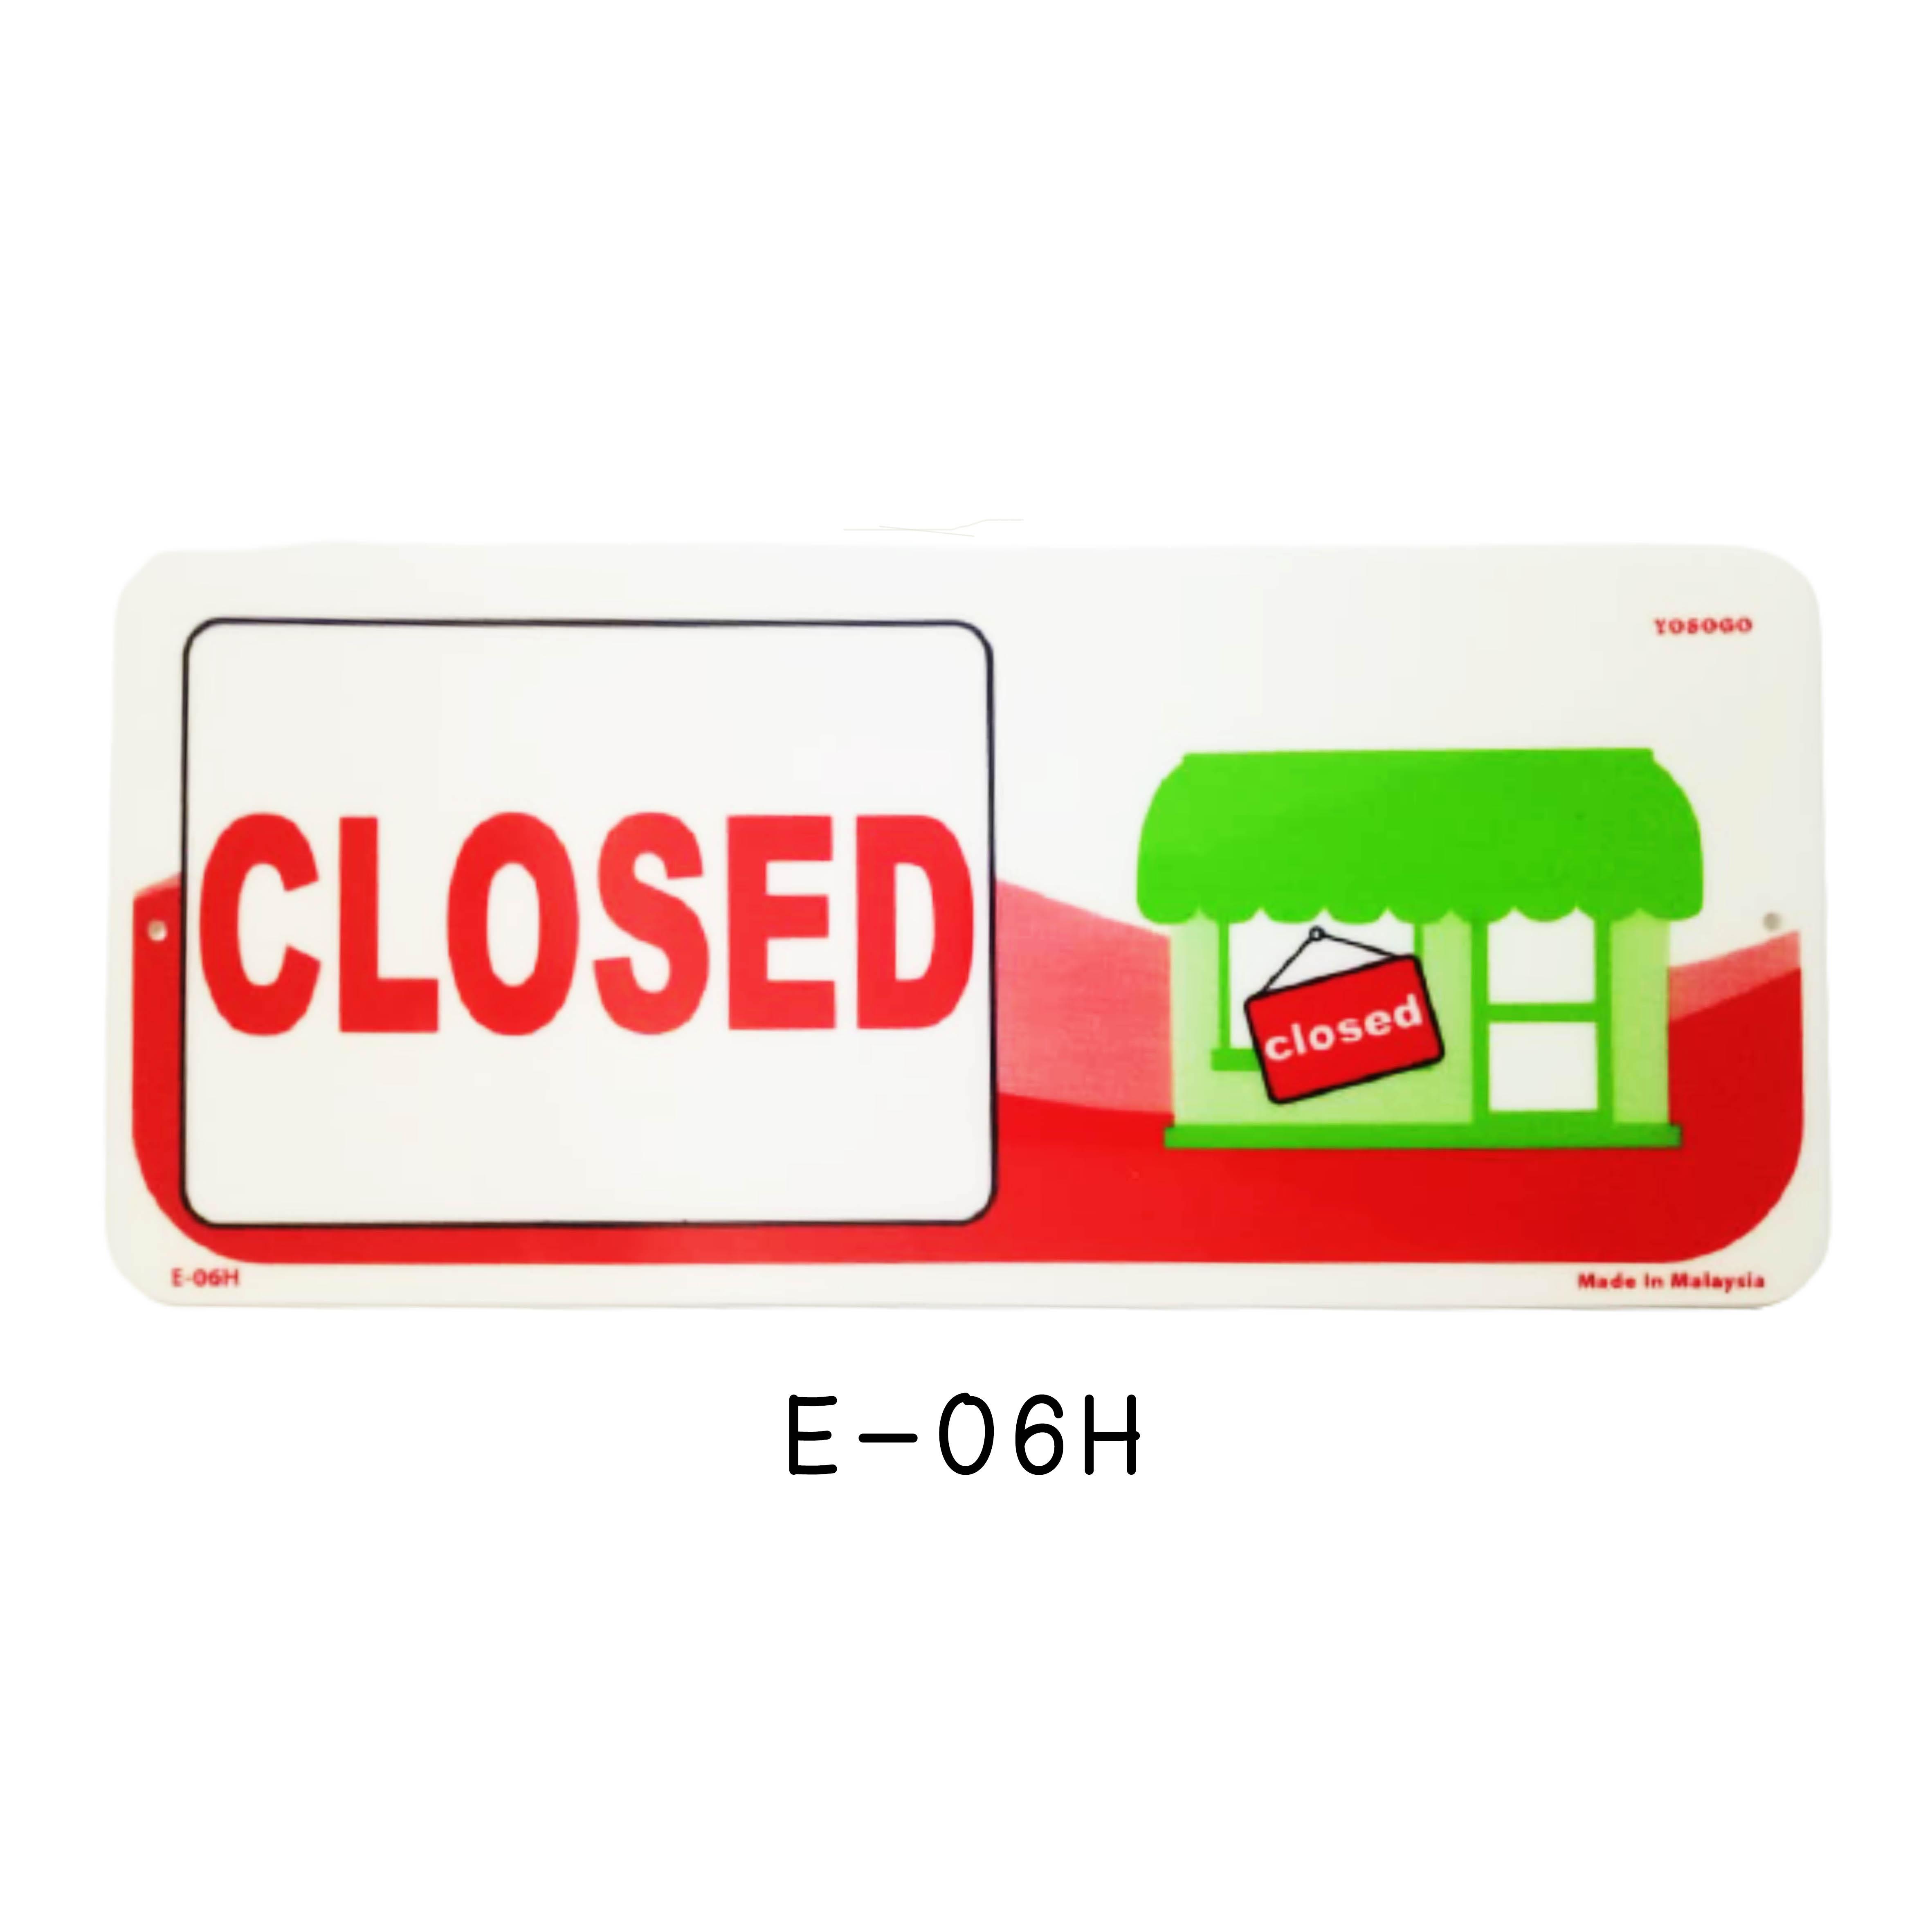 Sign Board E-06H (CLOSED)